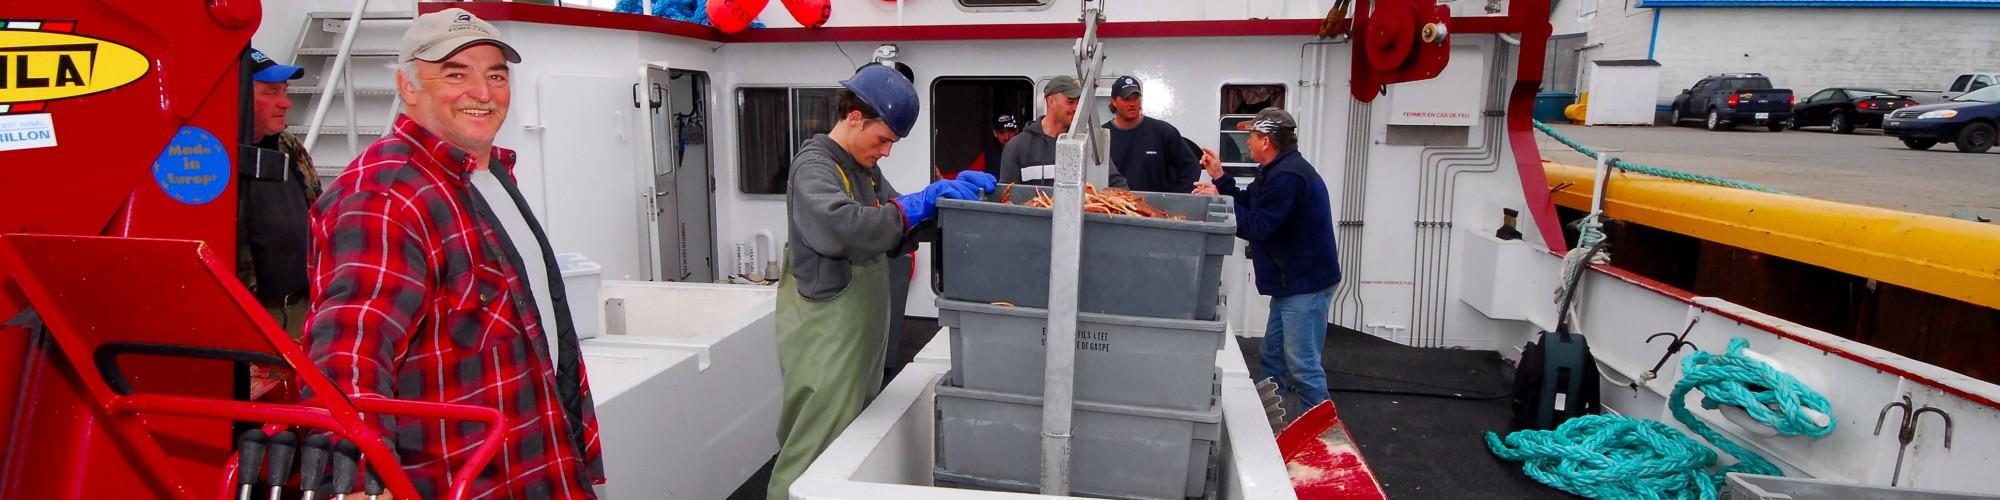 Bateau de pêche, pêcheurs